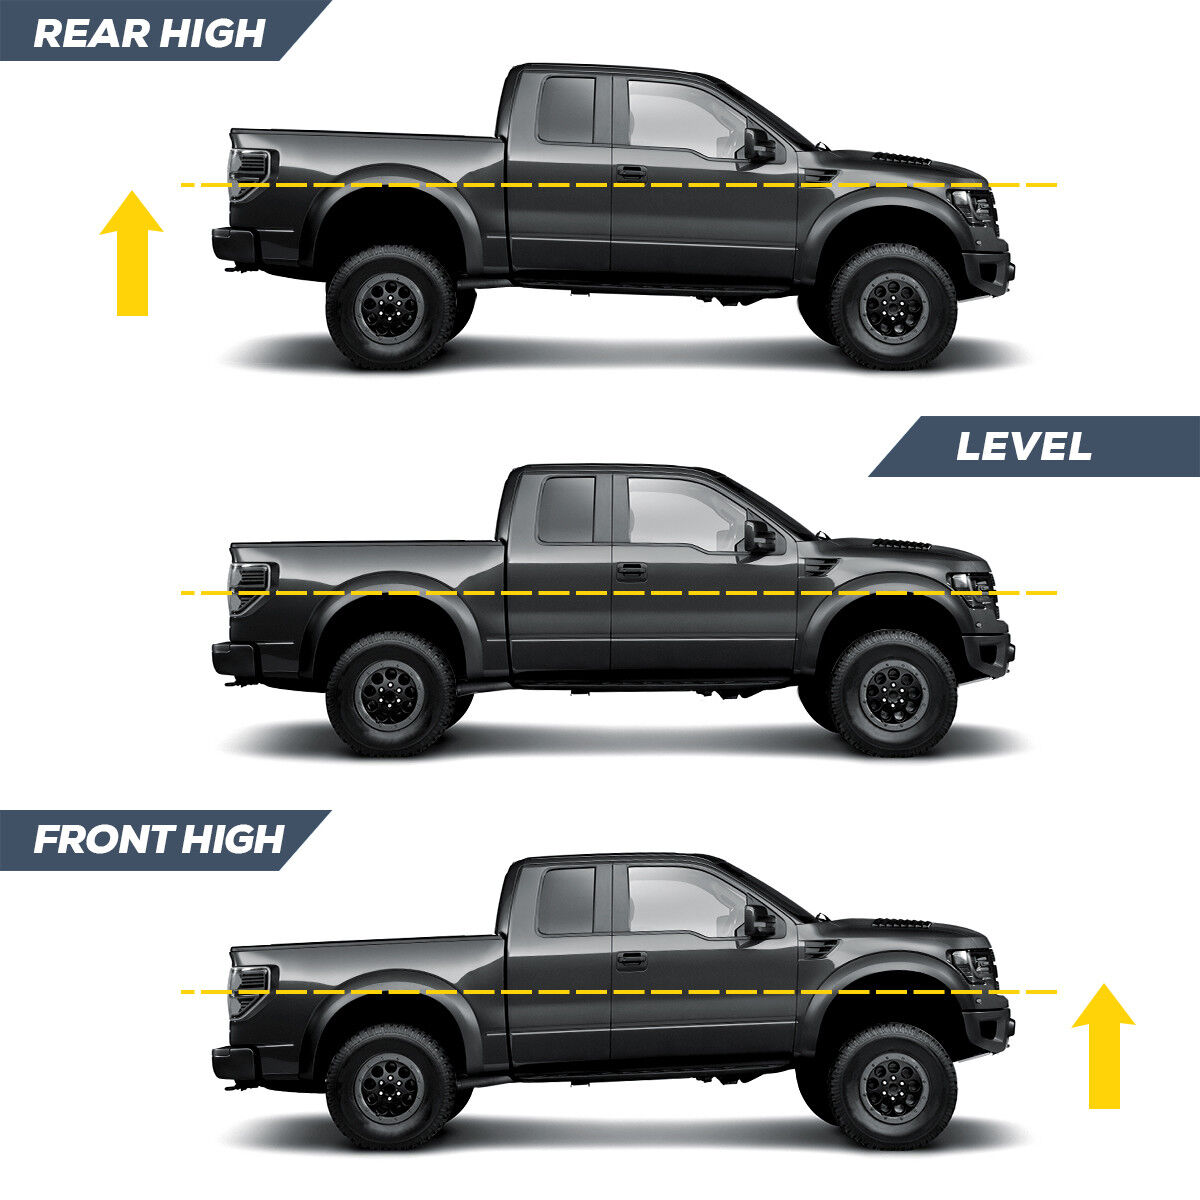 2017 Ram 1500 Leveling Kit >> 2009 2018 For Dodge Ram 1500 4wd 3 Front 2 Rear Full Lift Kit